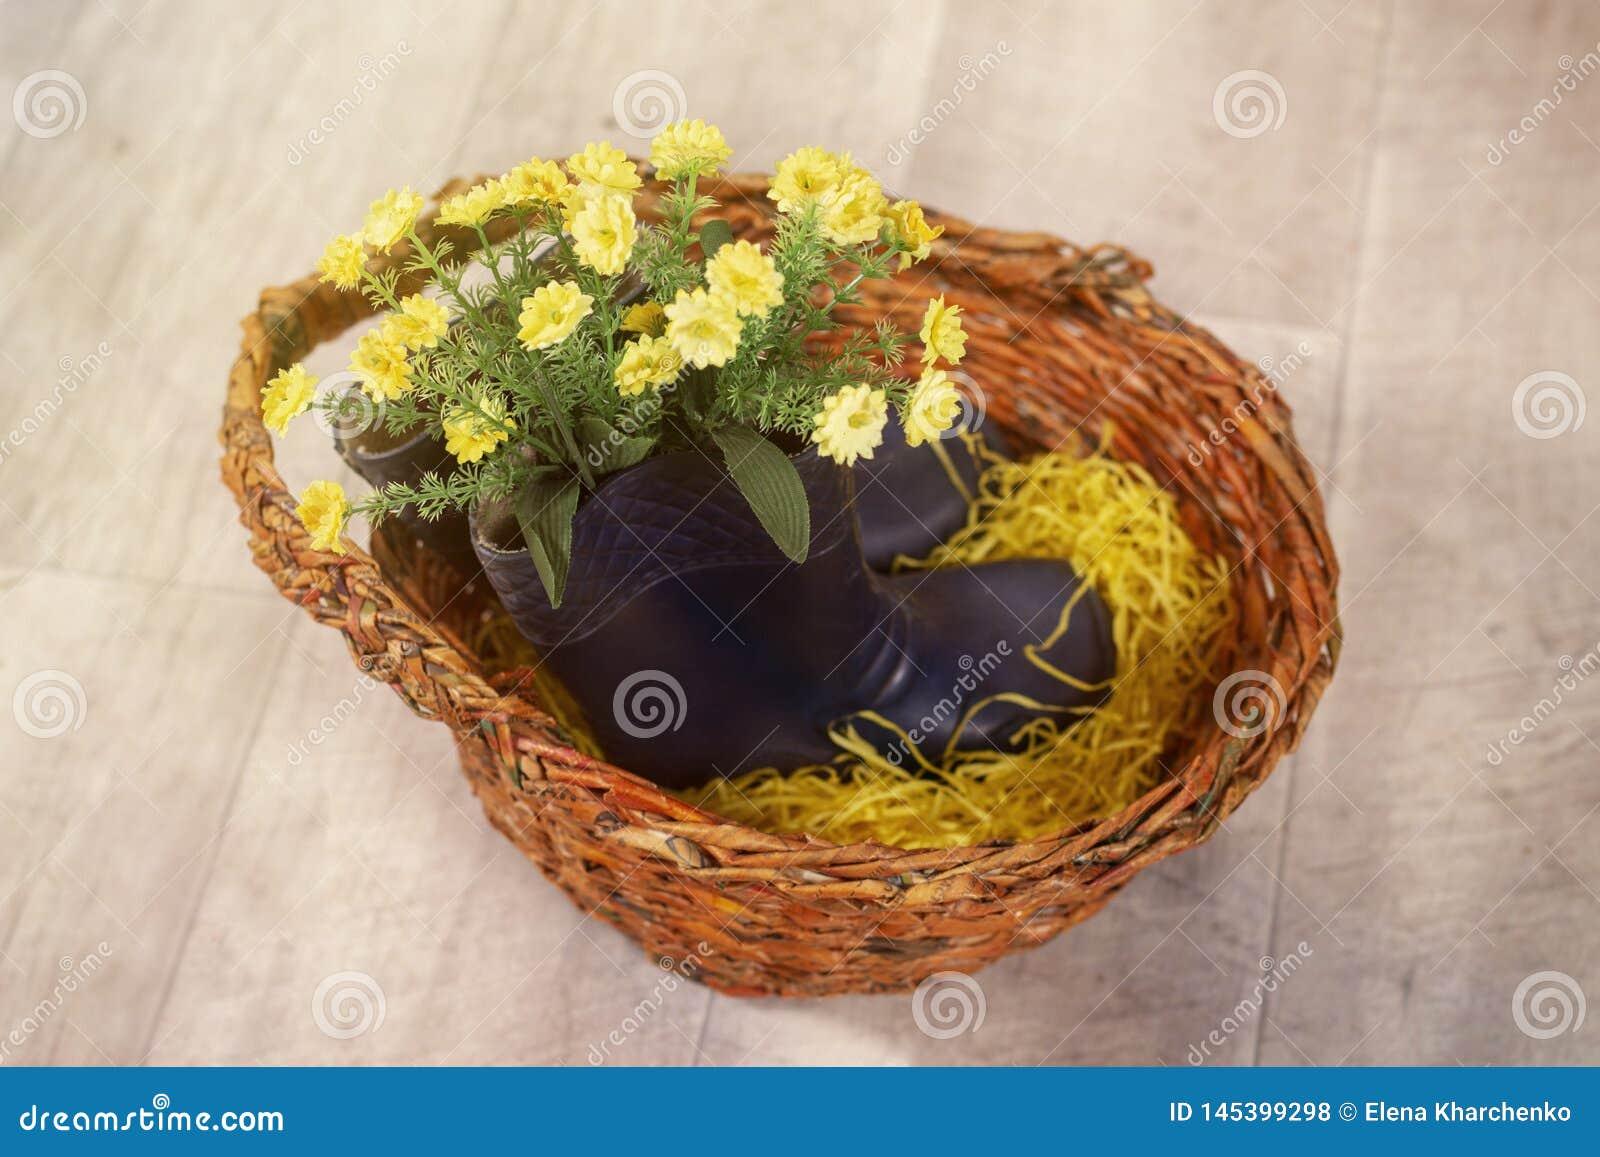 Photo de ressort avec des fleurs dans les bottes des enfants en caoutchouc dans un panier